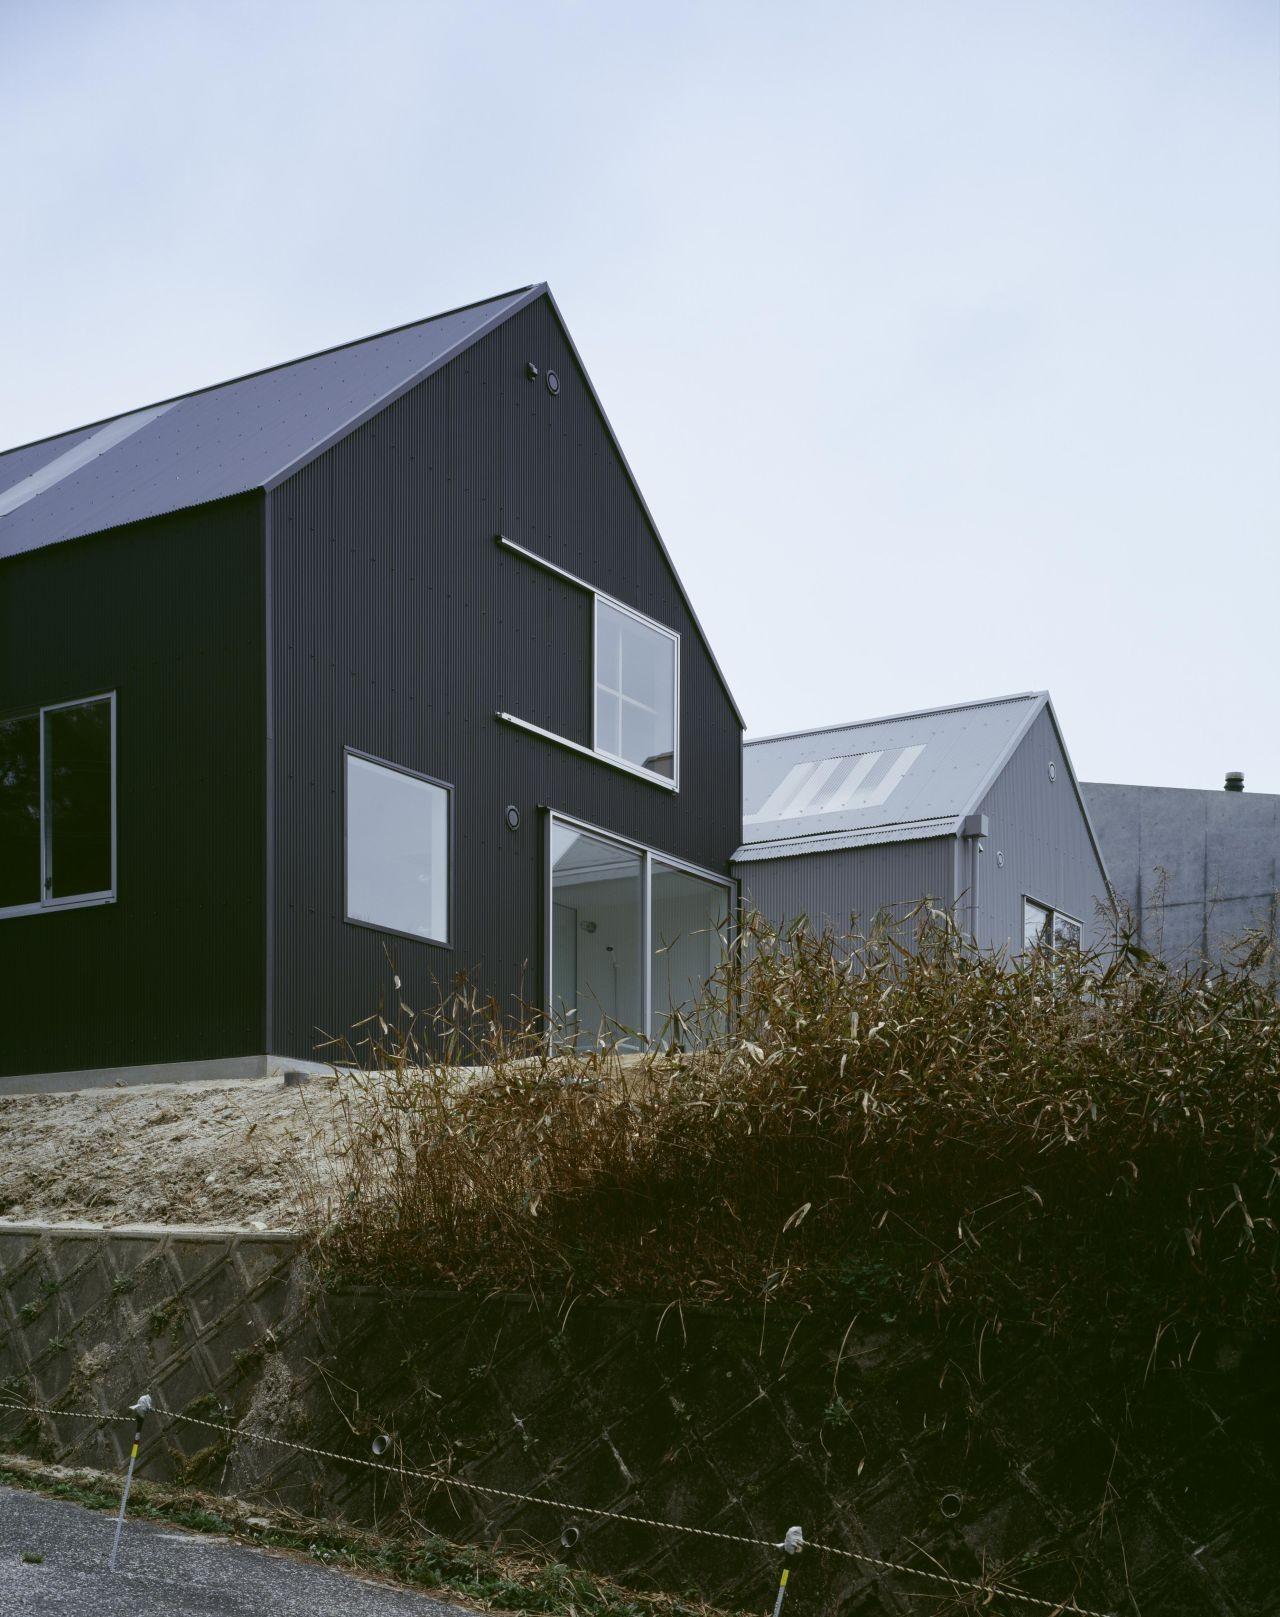 House in hieidaira / Tato Architects, © Satoshi Shigeta